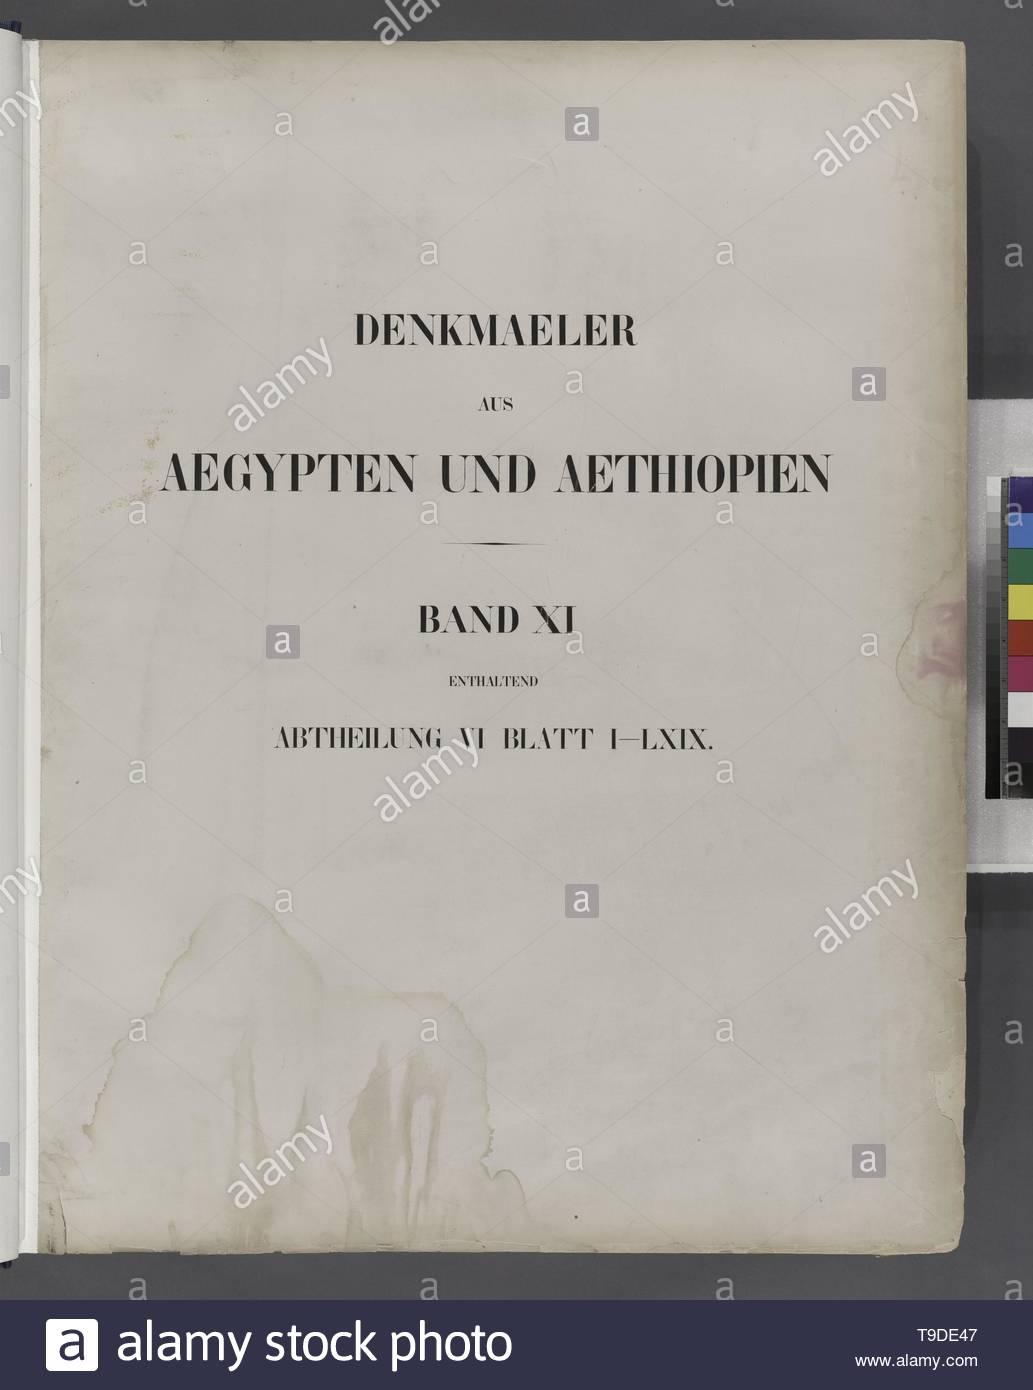 Lepsius,Richard,1810-1884-Title page]  Denkmaeler aus Aegypten und Aethiopien  Band XI enthaltend Abtheilung VI Blatt I-LXIX [1-69] - Stock Image